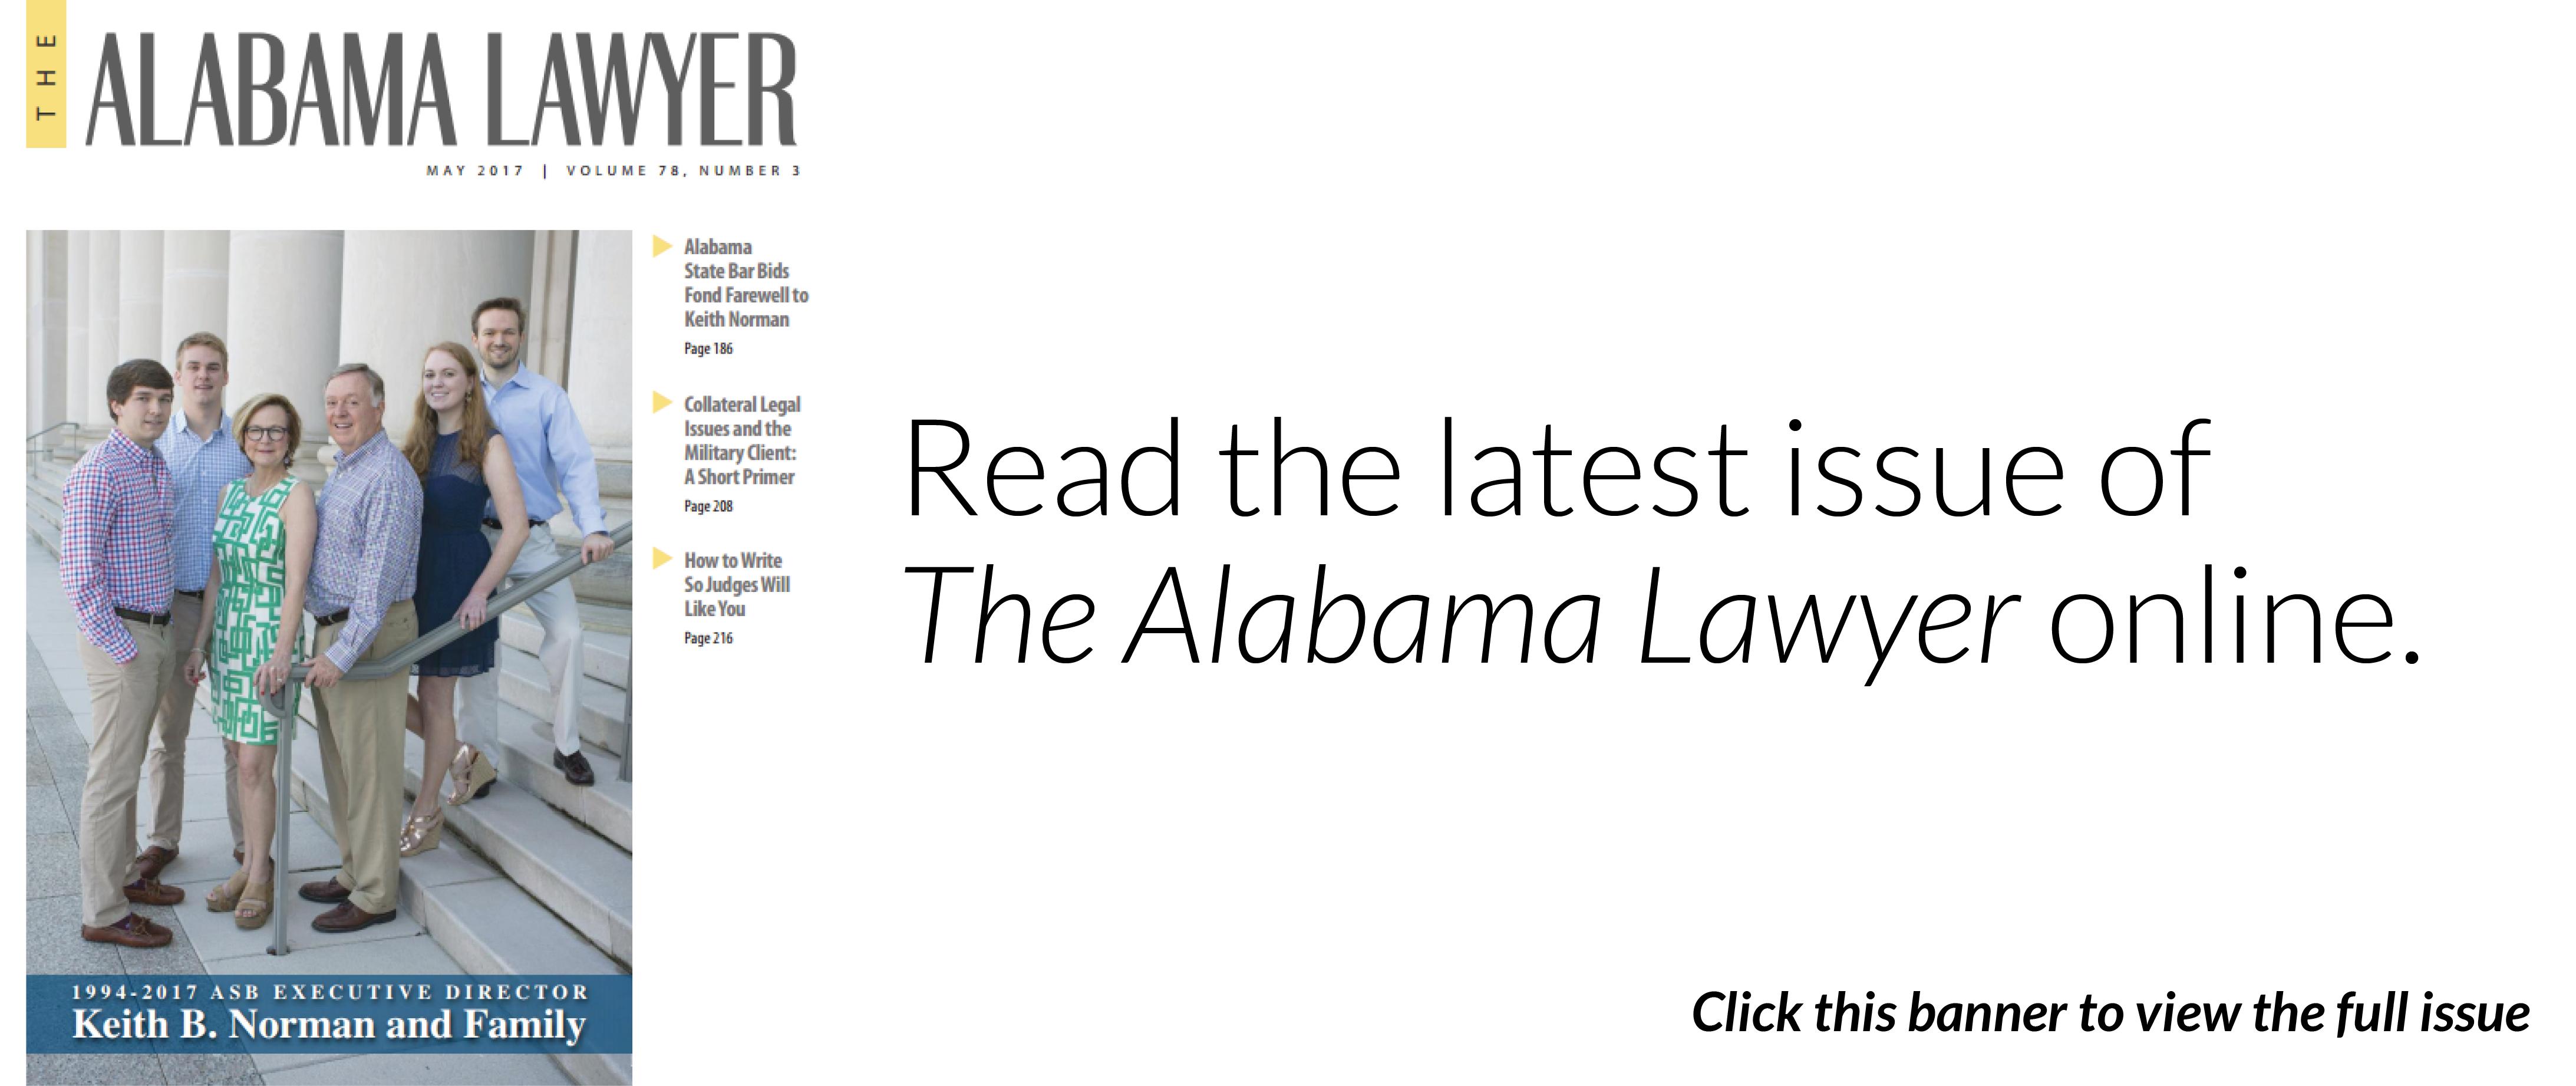 The Alabama Lawyer